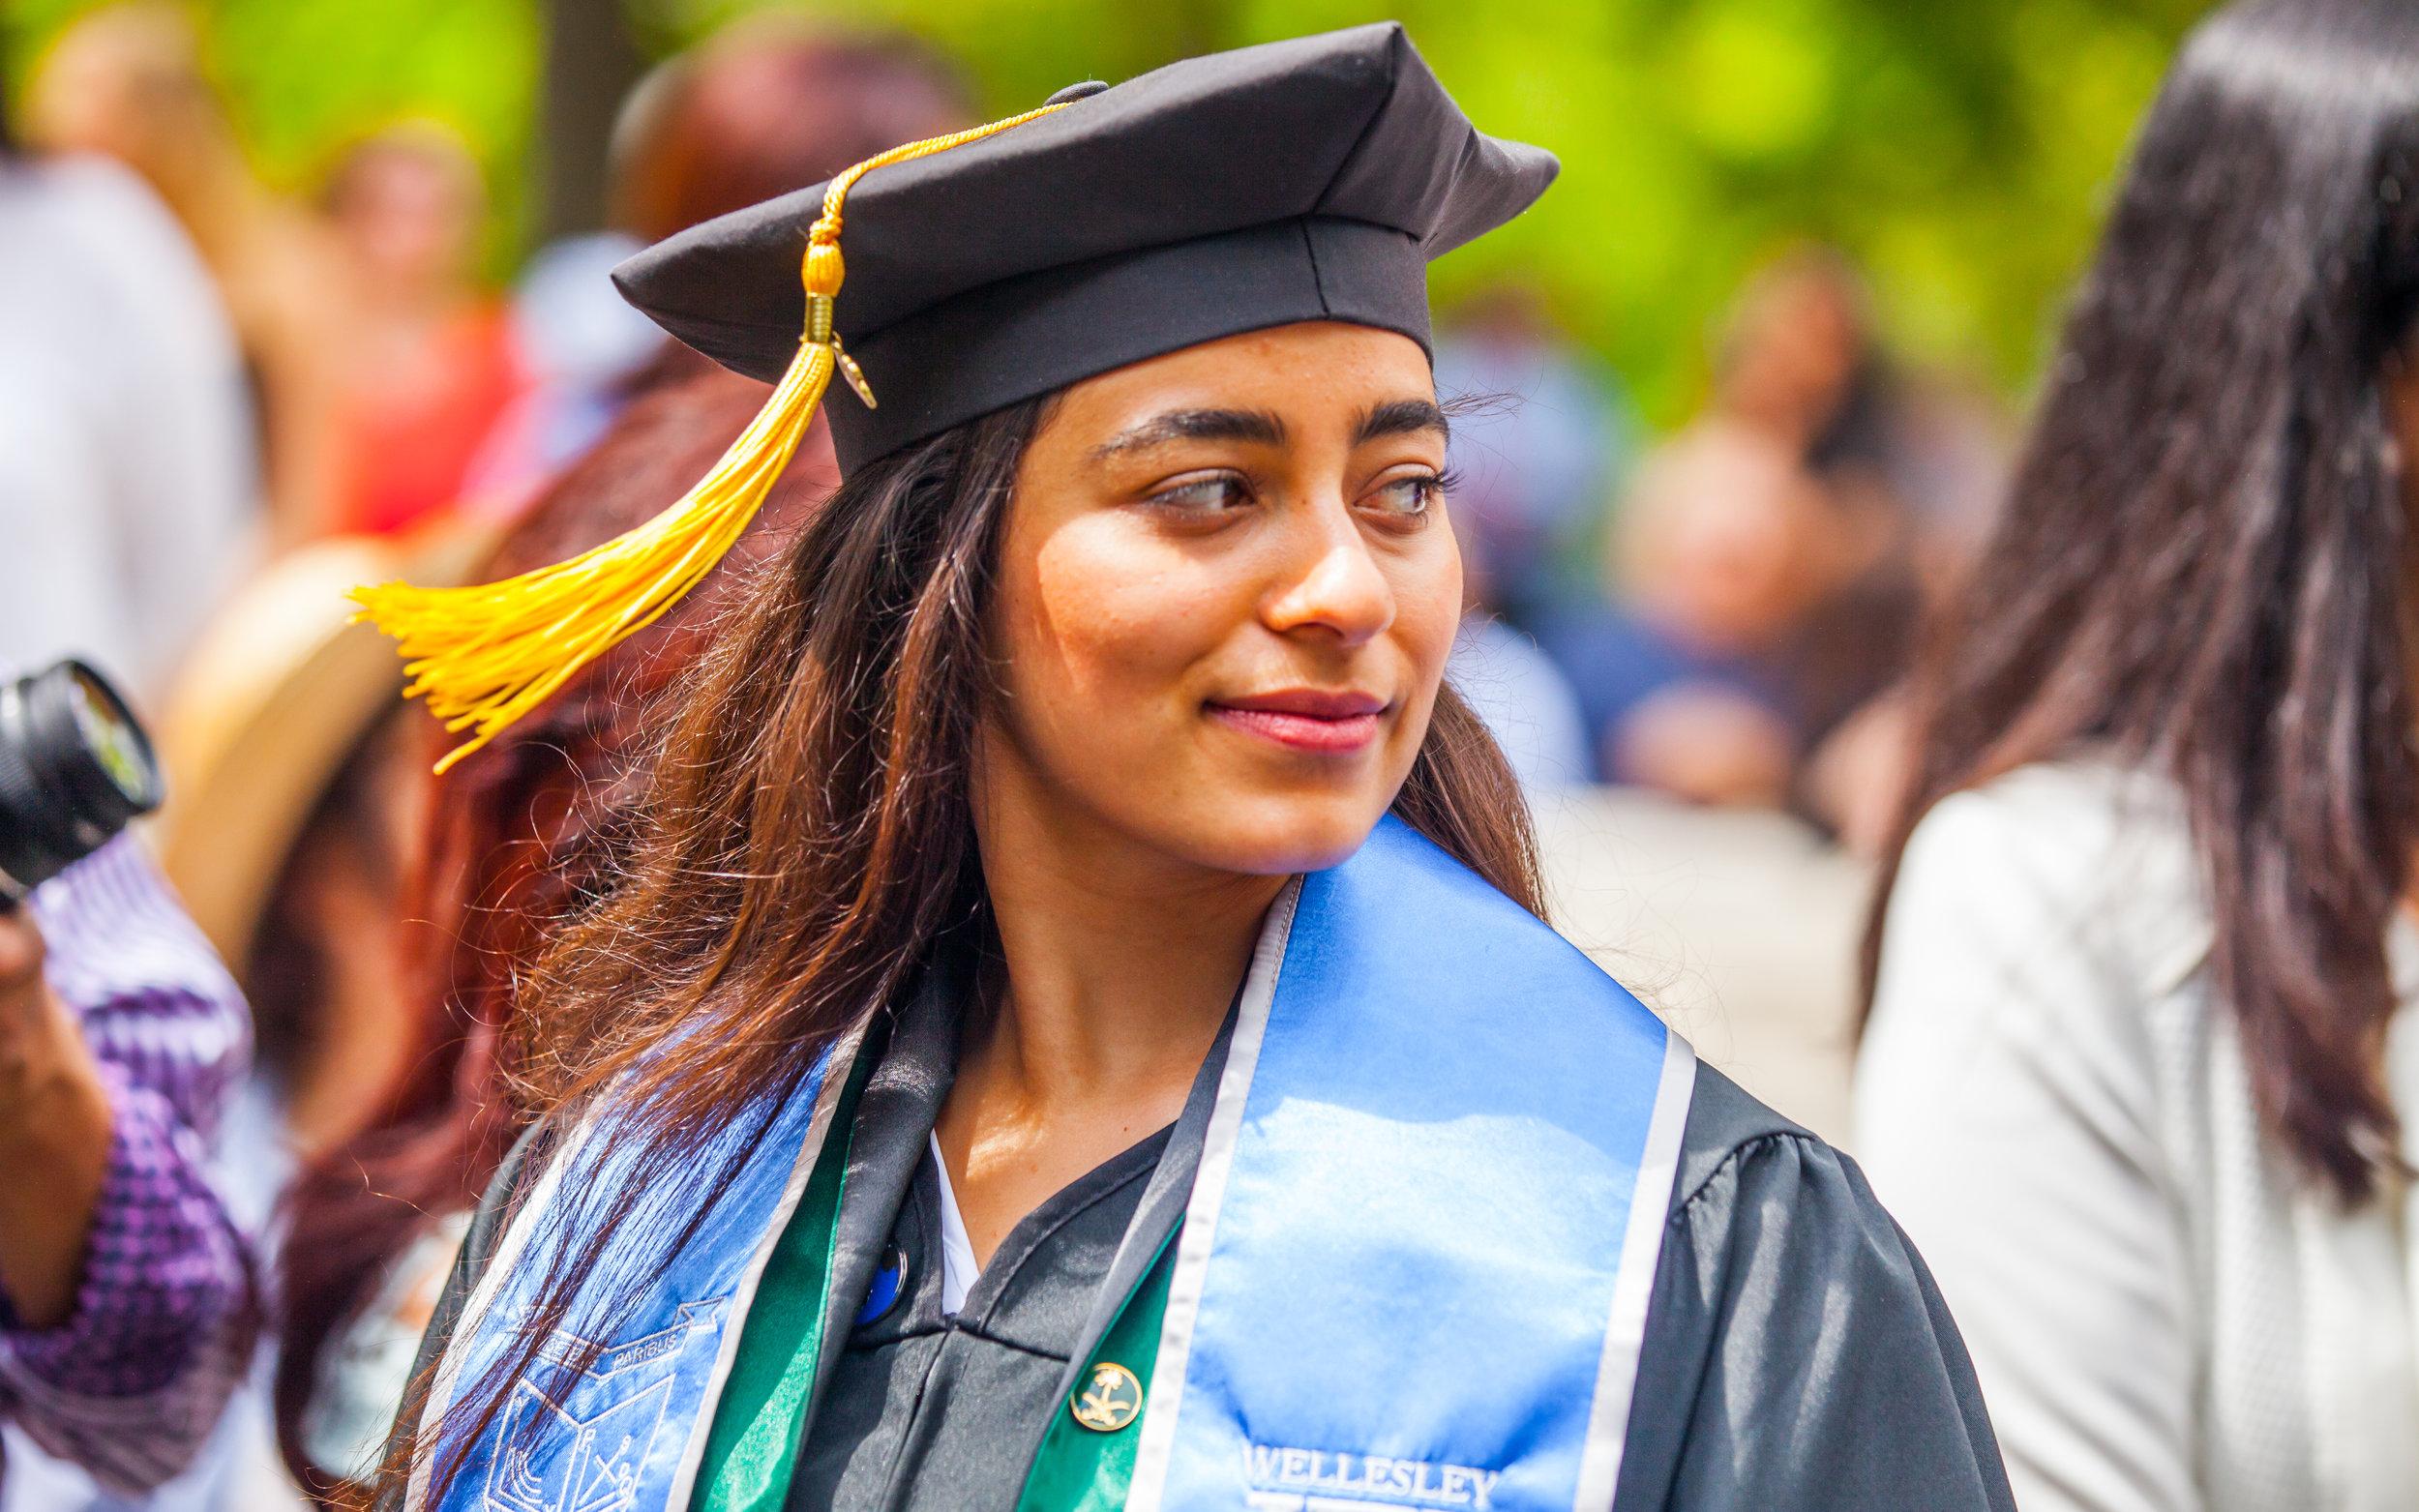 Noora_Graduation-275.jpg